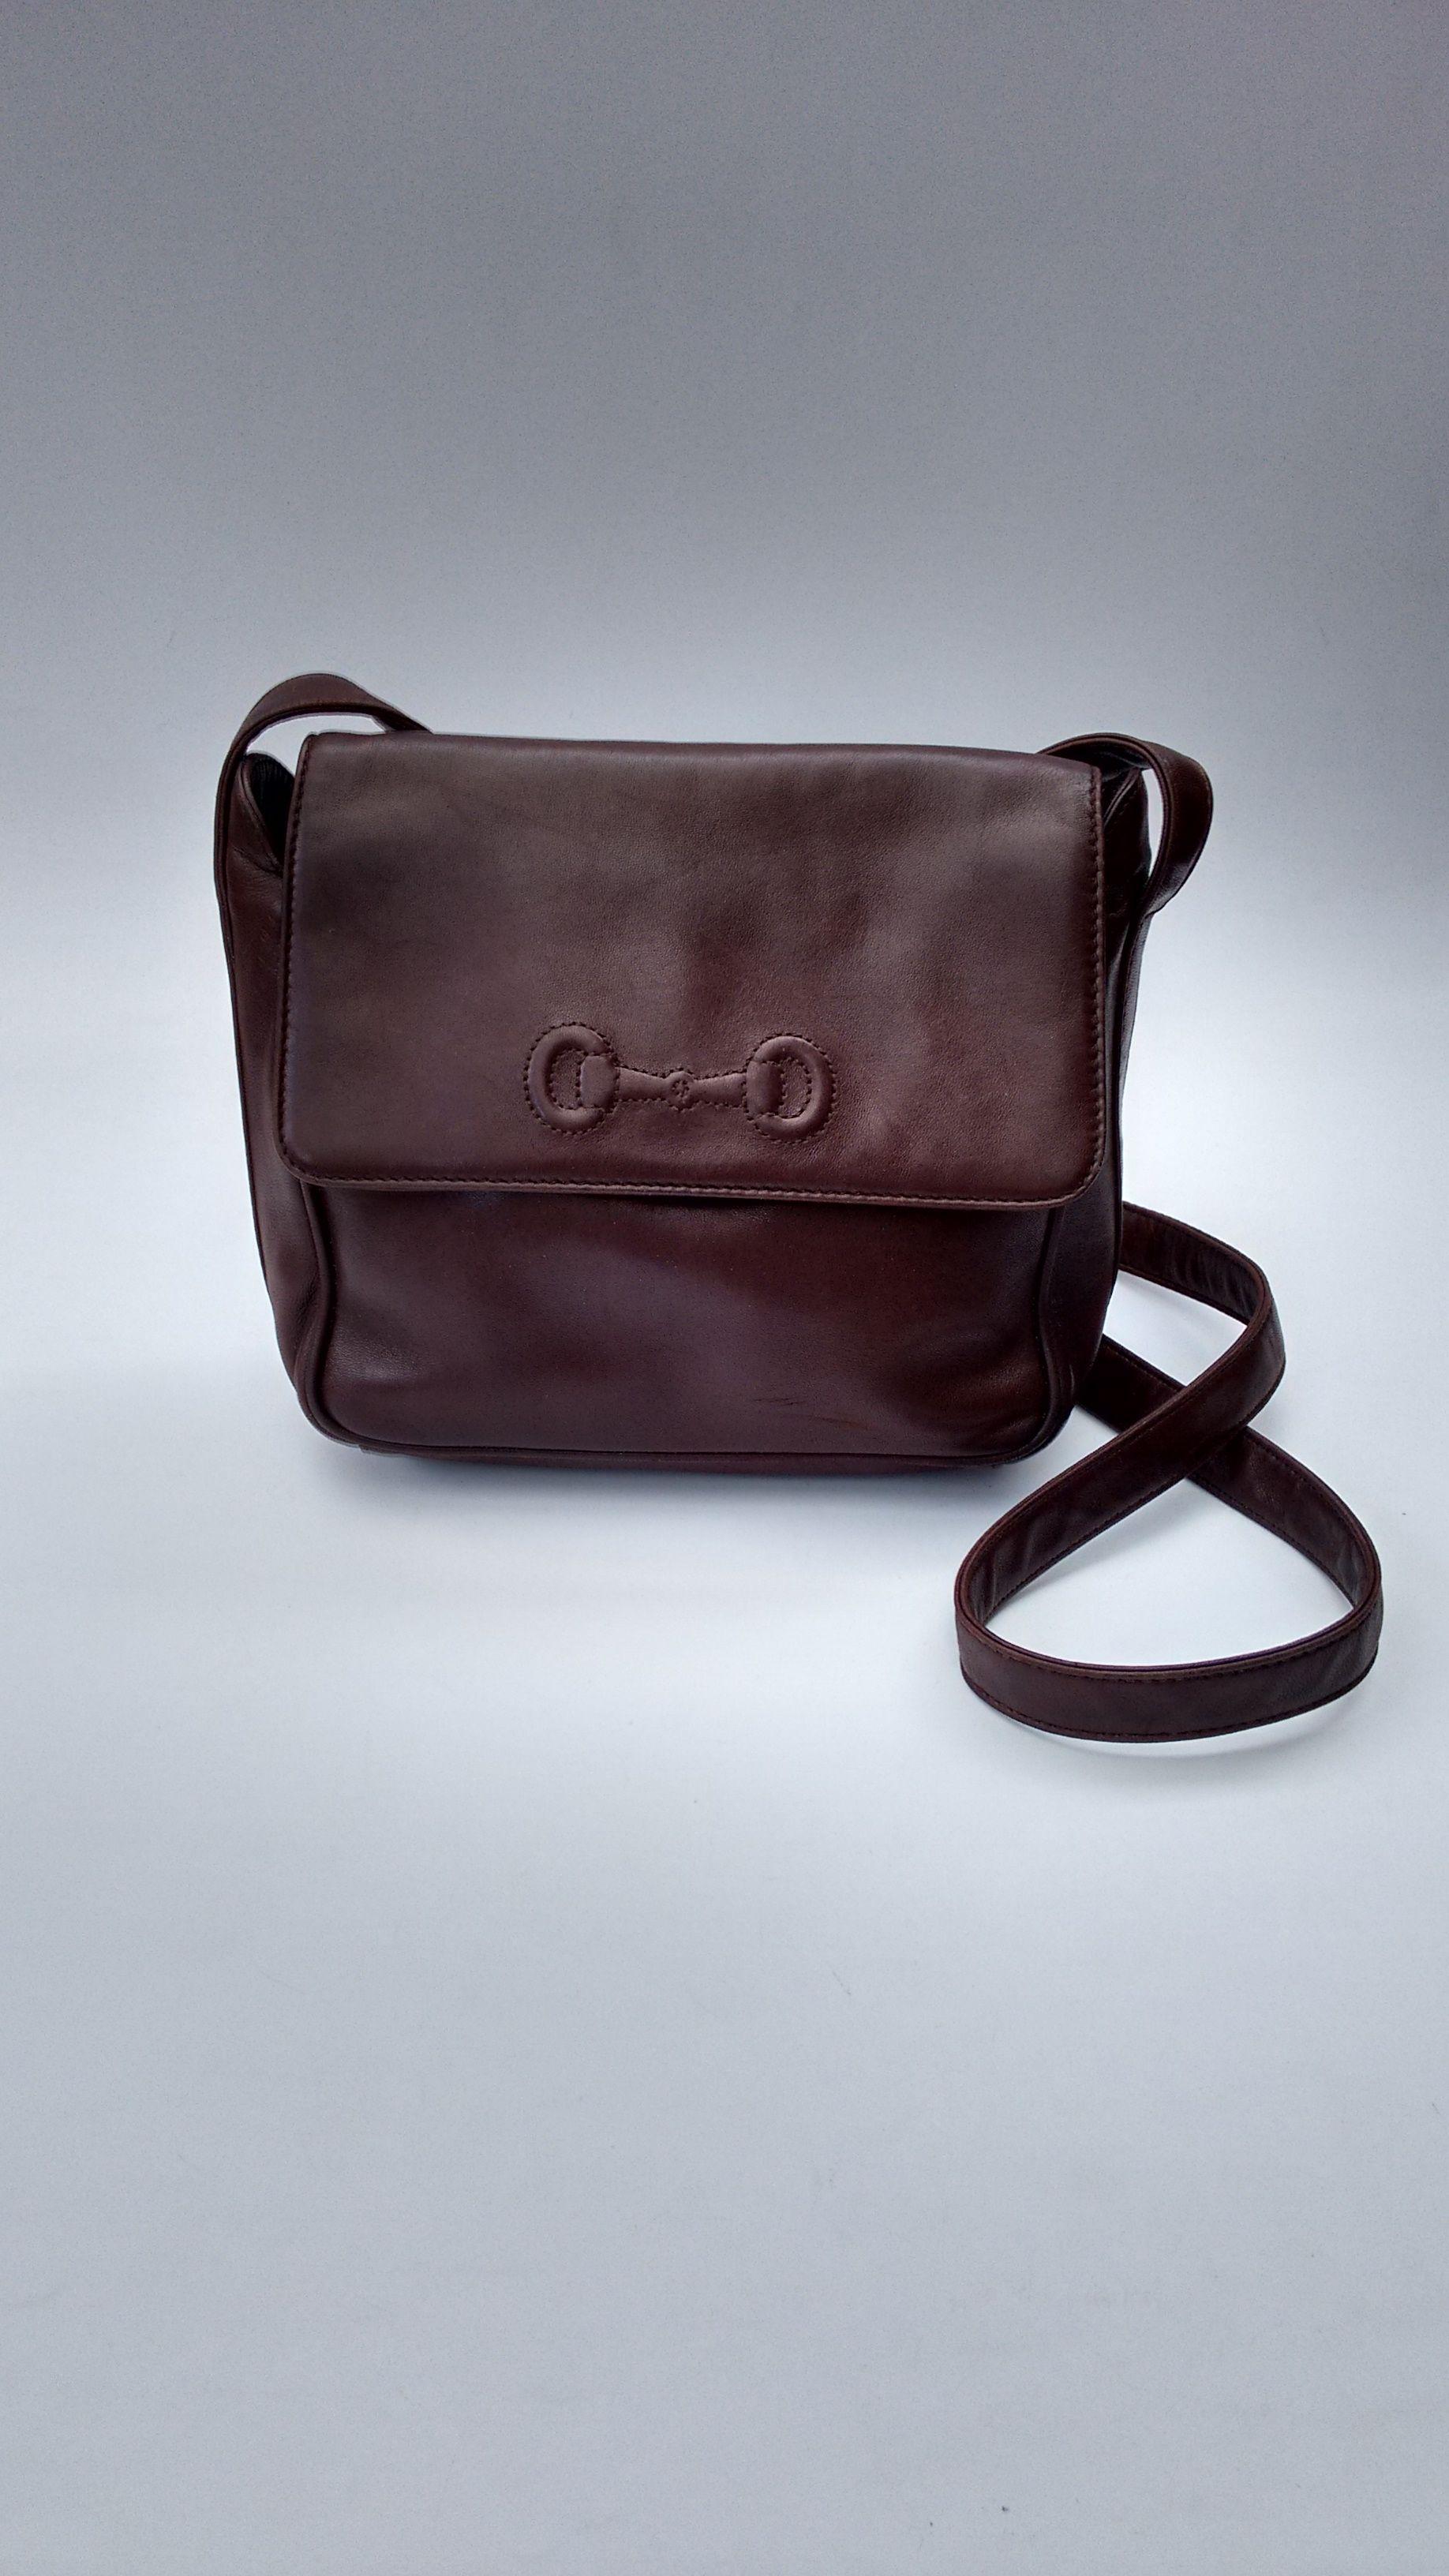 Gucci Bag Gucci Vintage Brown Leather Shoulder Crossbody Bag Italian Designer Purse Tom Ford Era Bags Vintage Designer Bags Vintage Purses